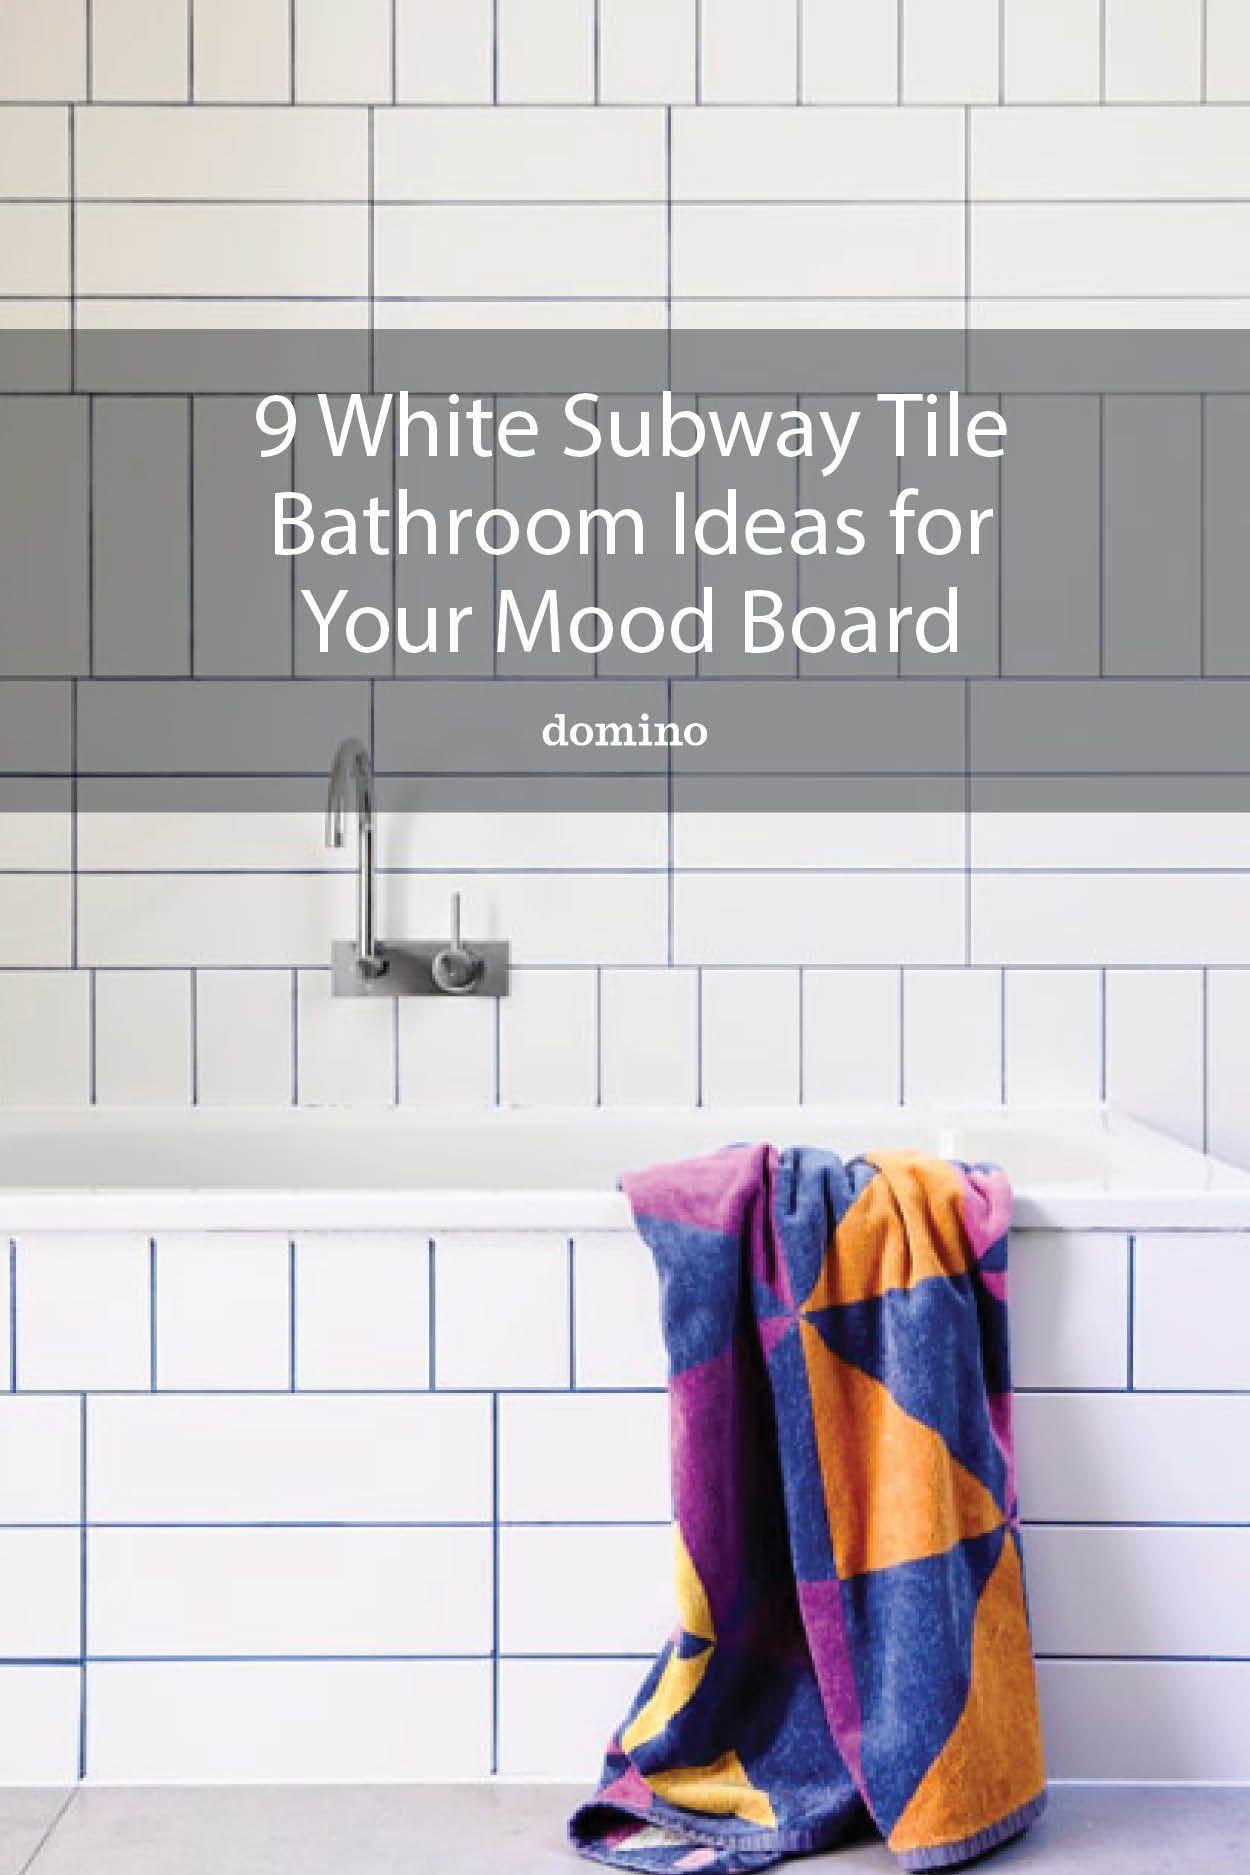 9 White Subway Tile Bathroom Ideas For Your Mood Board In 2020 White Subway Tile Bathroom Subway Tiles Bathroom Tile Bathroom